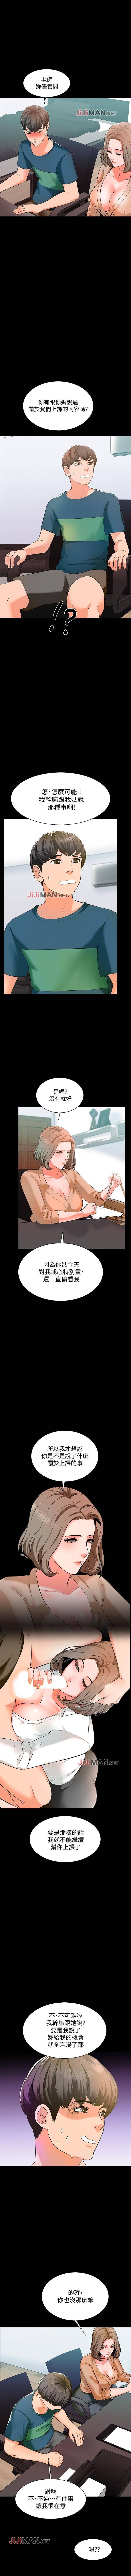 【周一连载】家教老师(作者: CreamMedia) 第1~43话 48